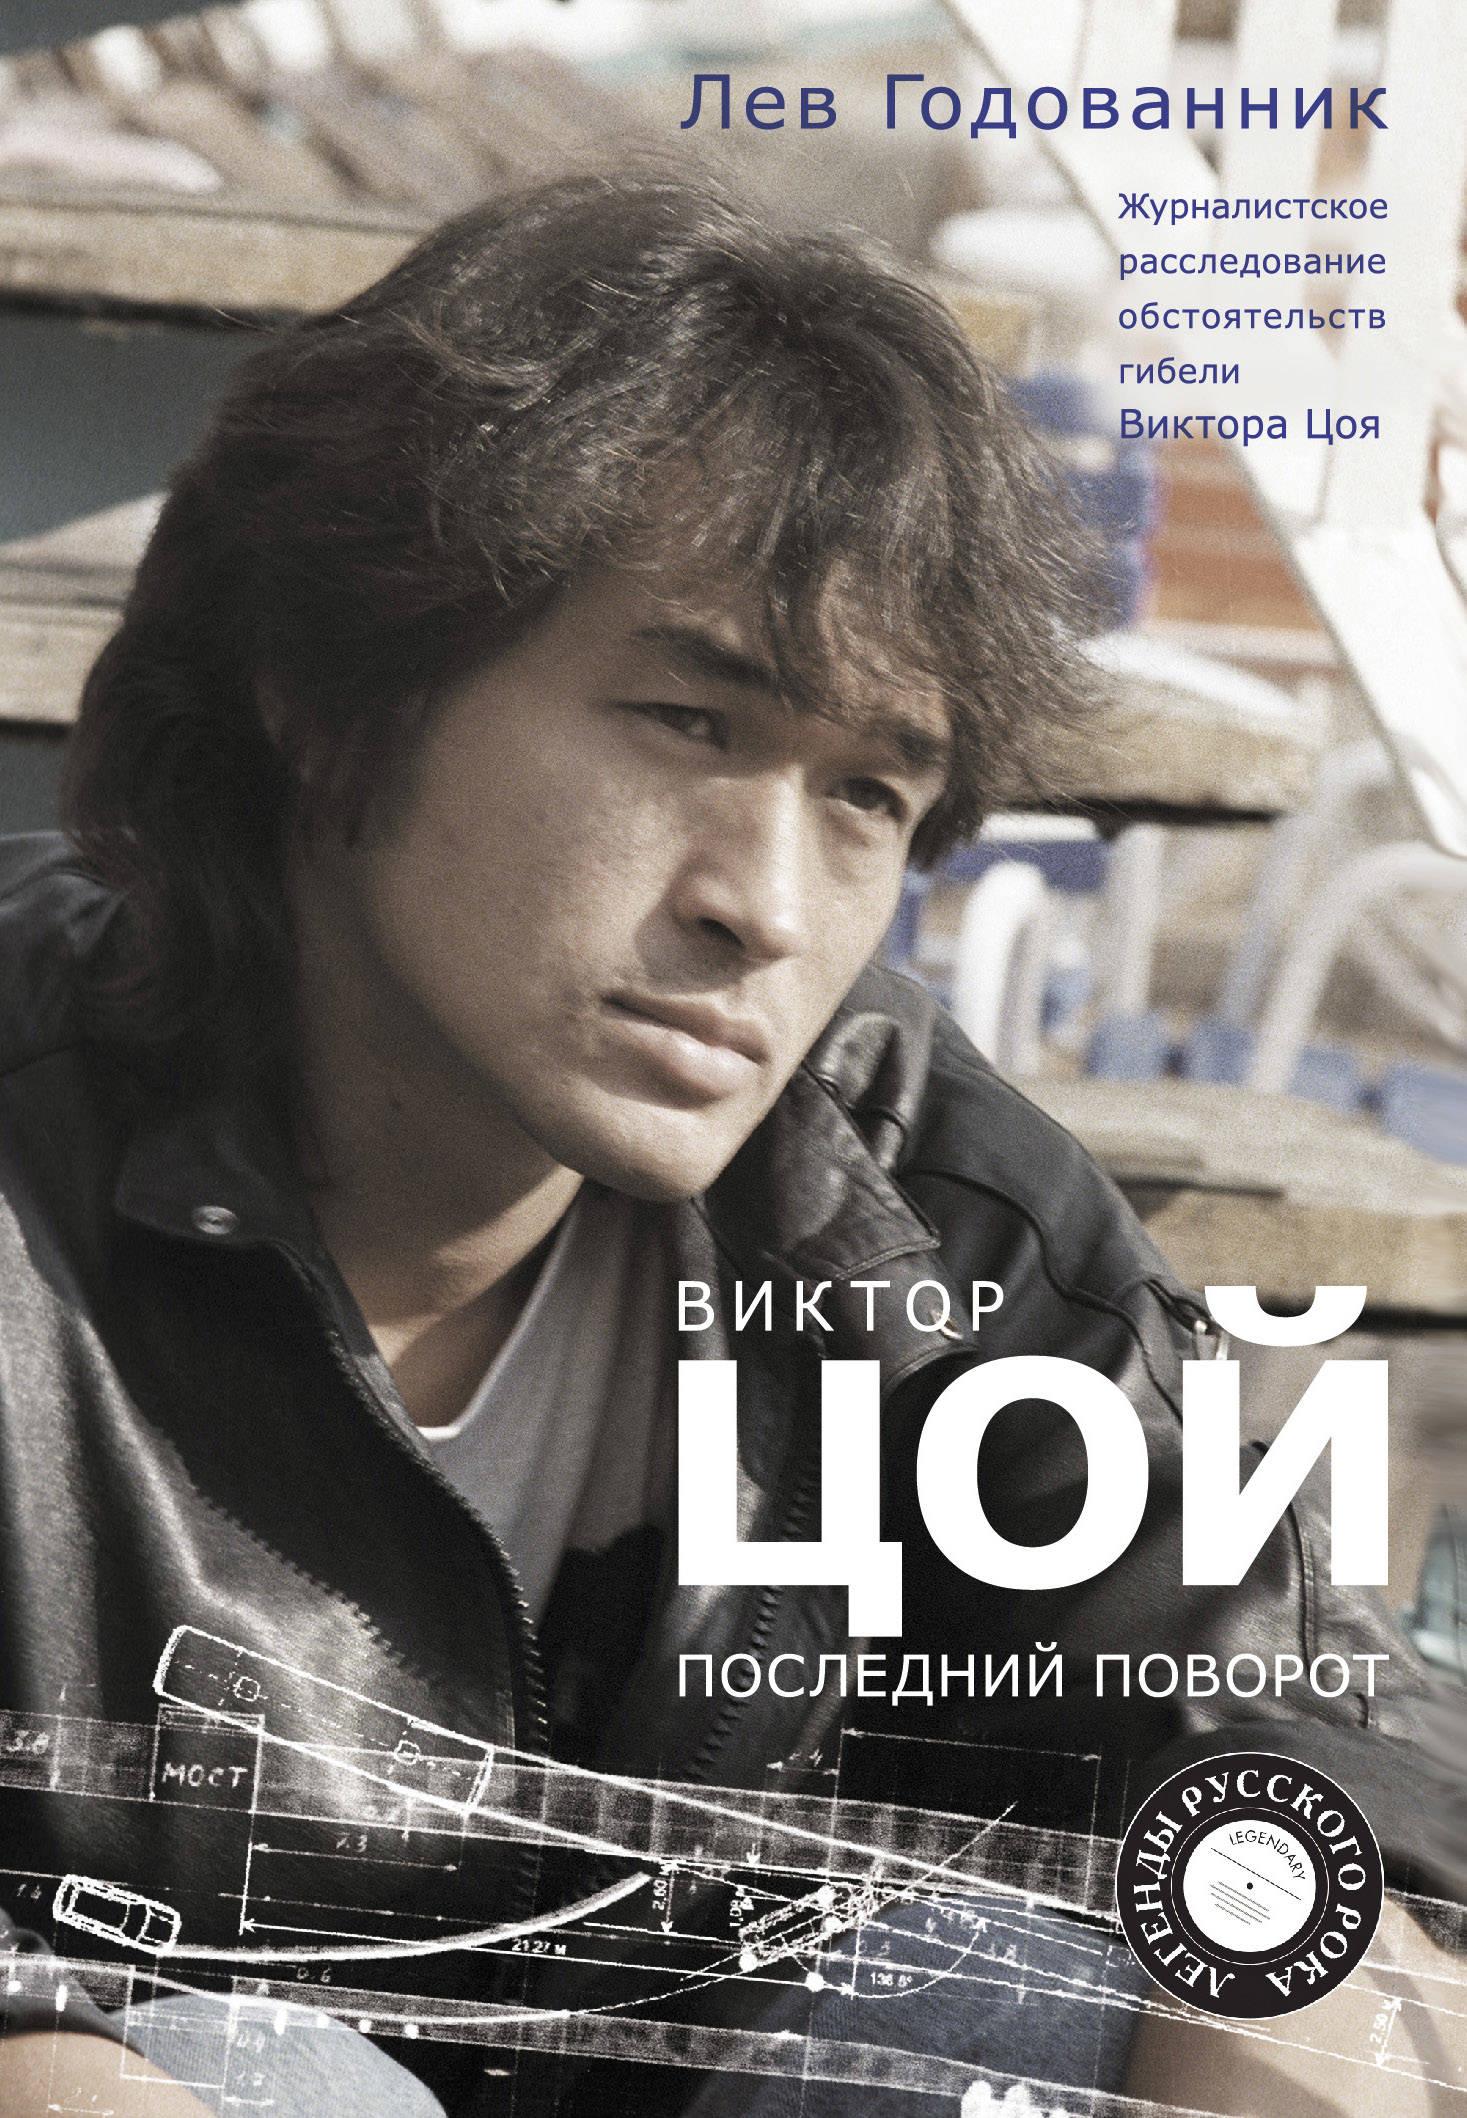 Viktor Tsoj. Poslednij povorot